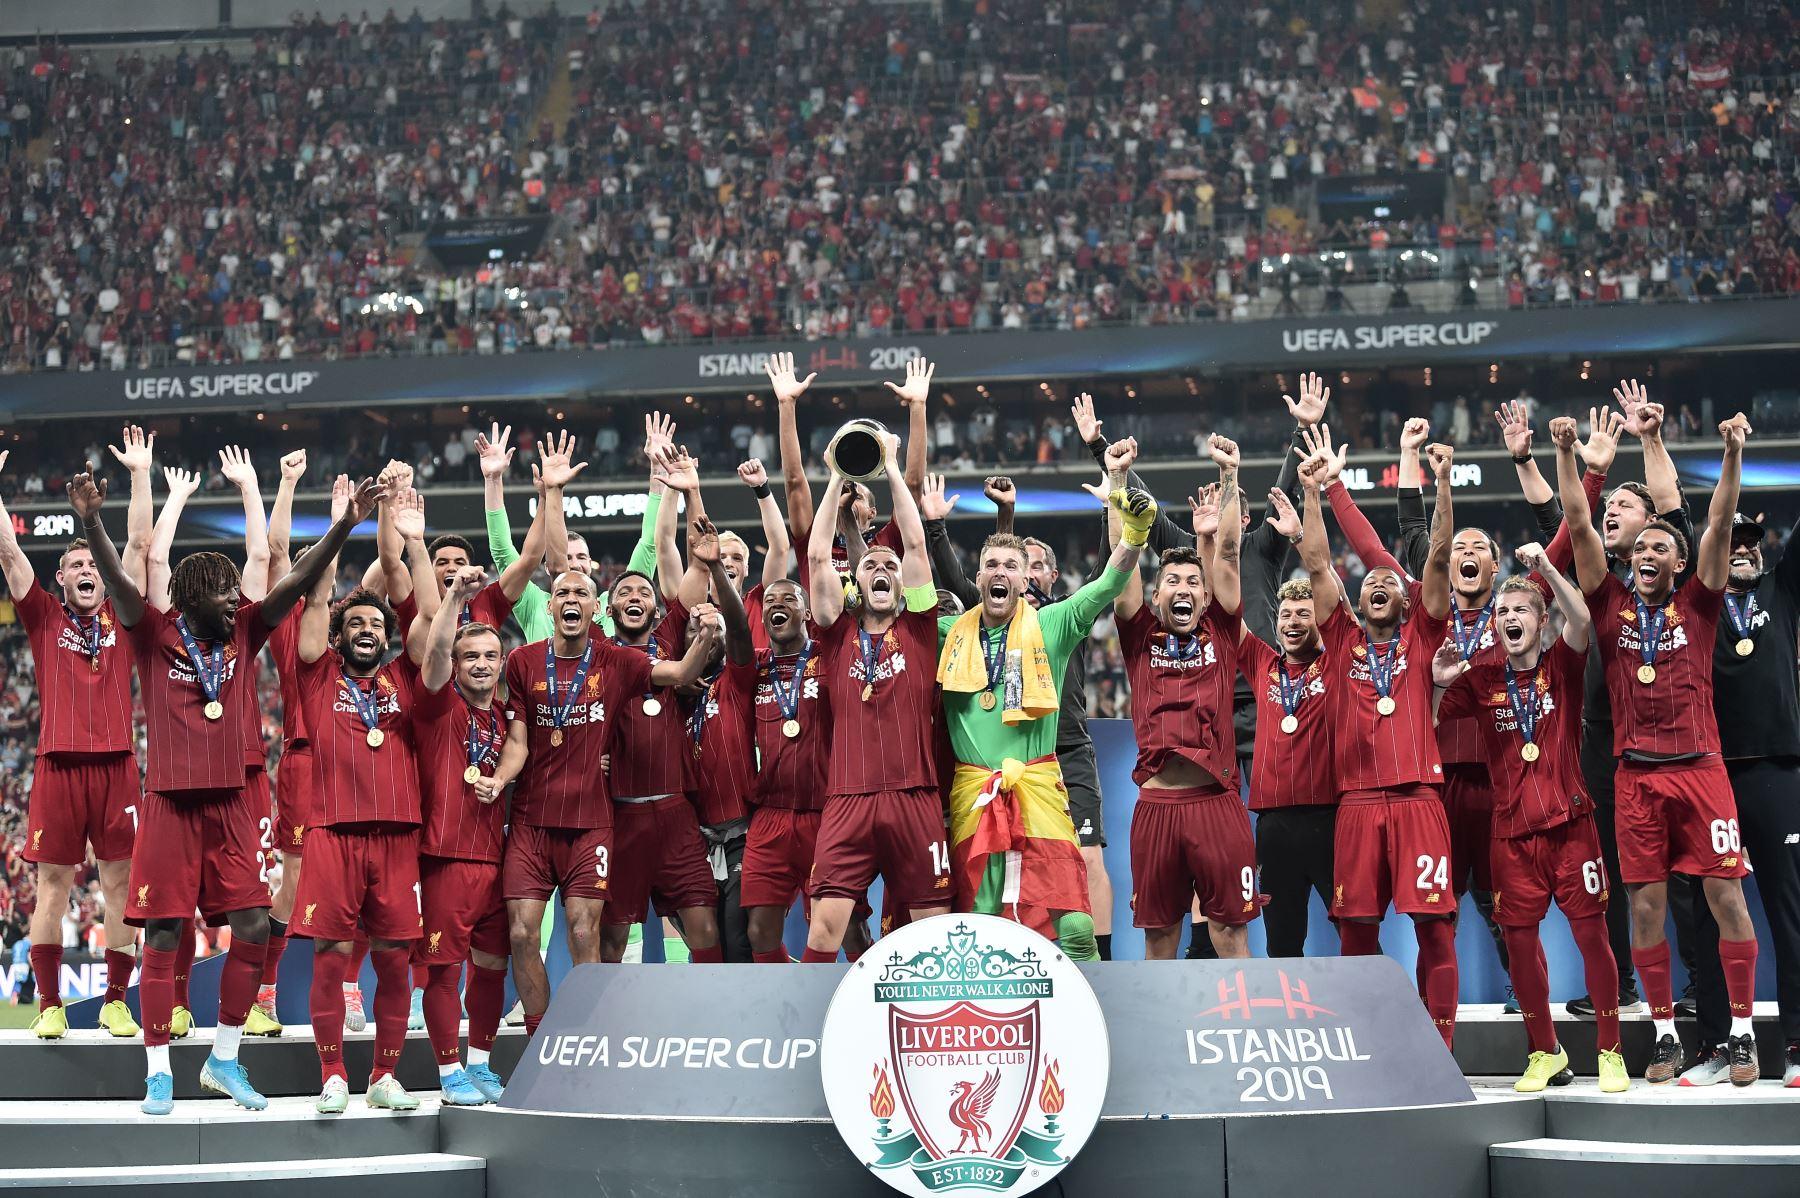 El equipo de Liverpool posa con el trofeo después de ganar el partido de fútbol de la Supercopa de la UEFA 2019 entre el FC Liverpool y el FC Chelsea en el Besiktas Park Stadium en Estambul.Foto:AFP